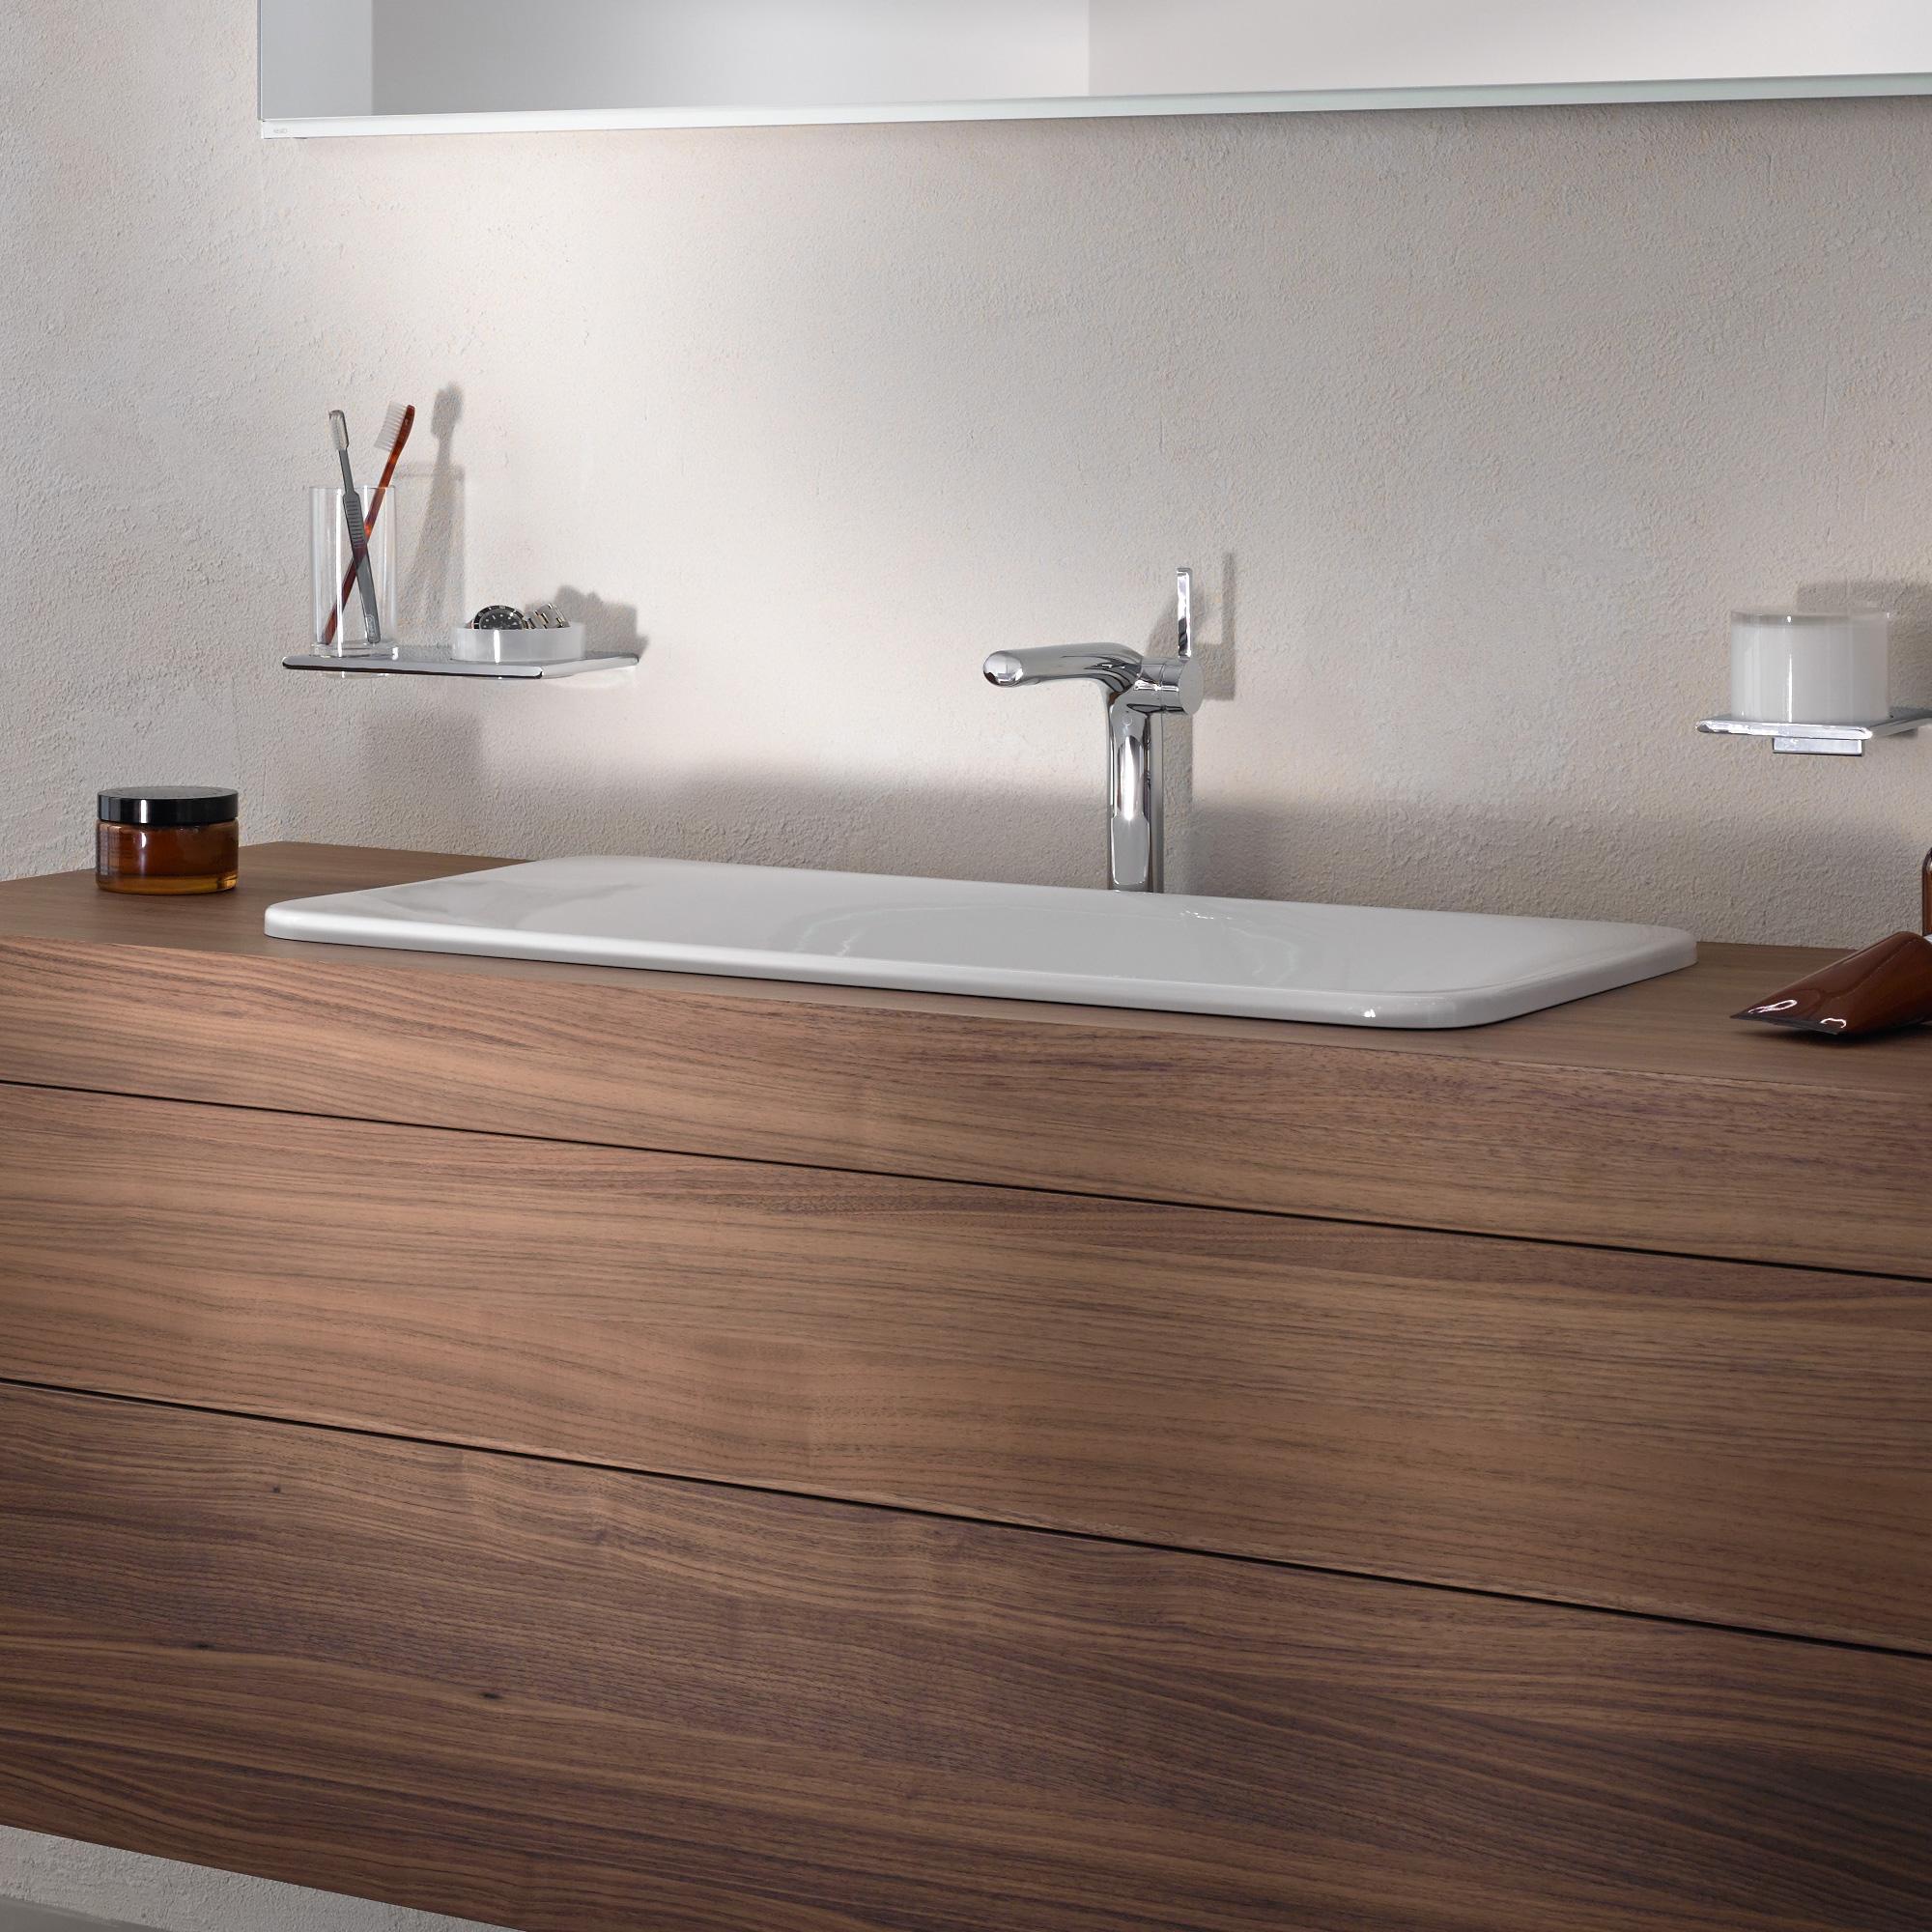 keuco edition 400 einbauwaschtisch 31580311600 reuter onlineshop. Black Bedroom Furniture Sets. Home Design Ideas